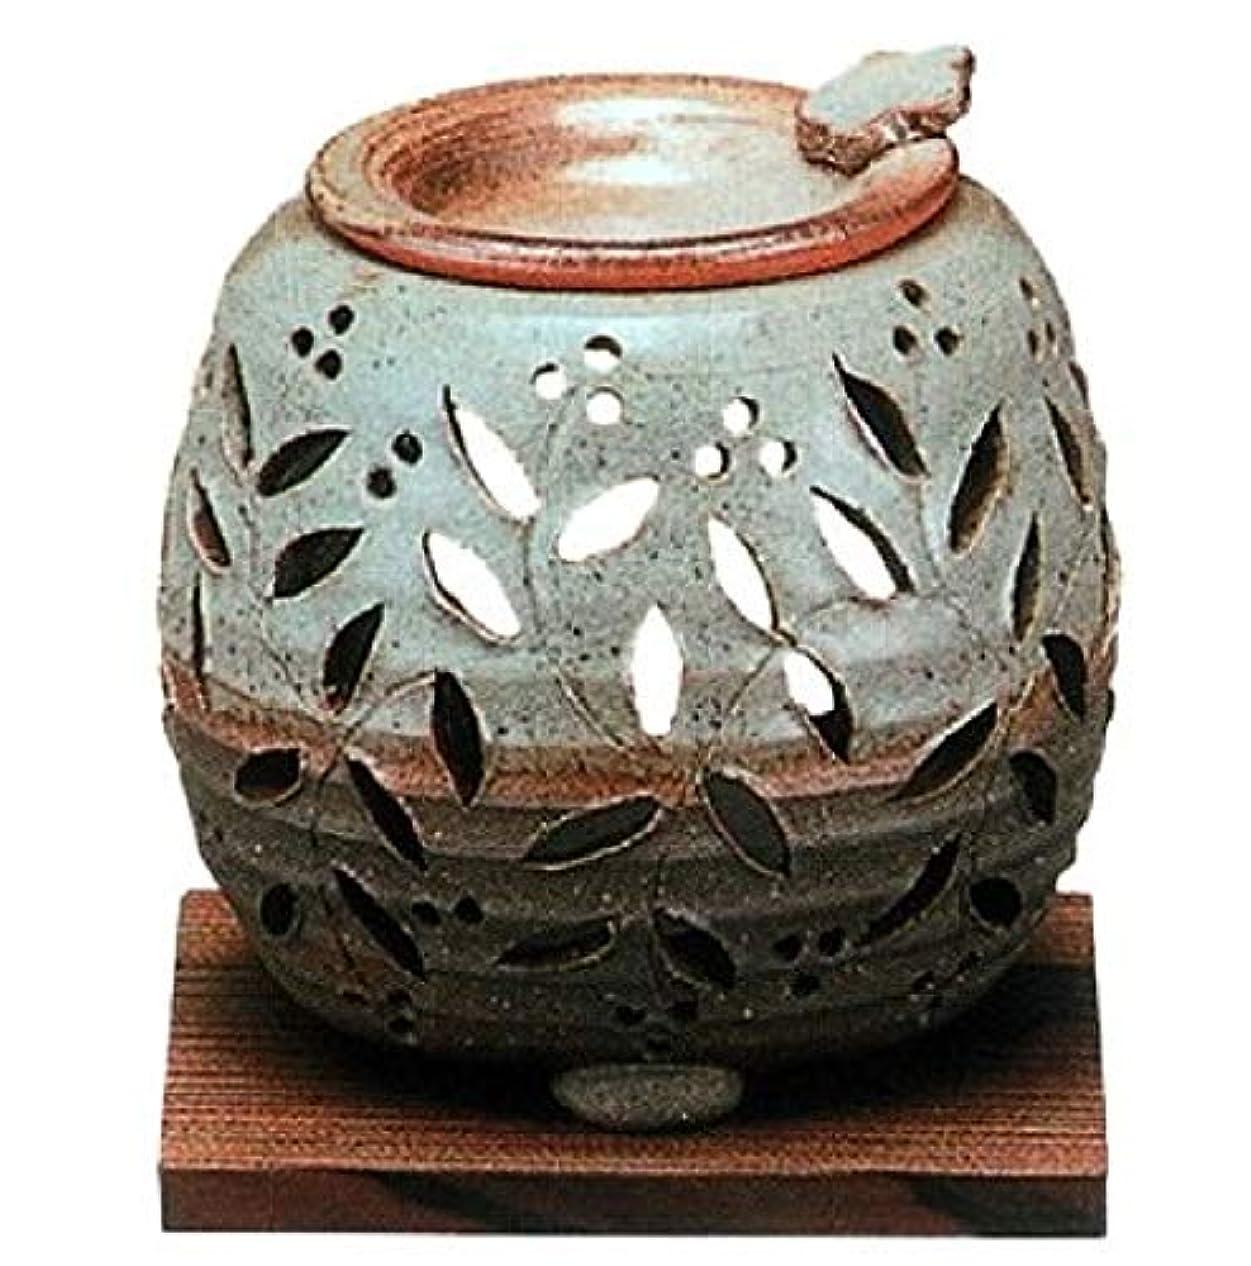 お香プラグ他に【常滑焼】石龍 緑灰釉花透かし彫り茶香炉 灰釉花透かし  φ11×H11㎝ 3-829